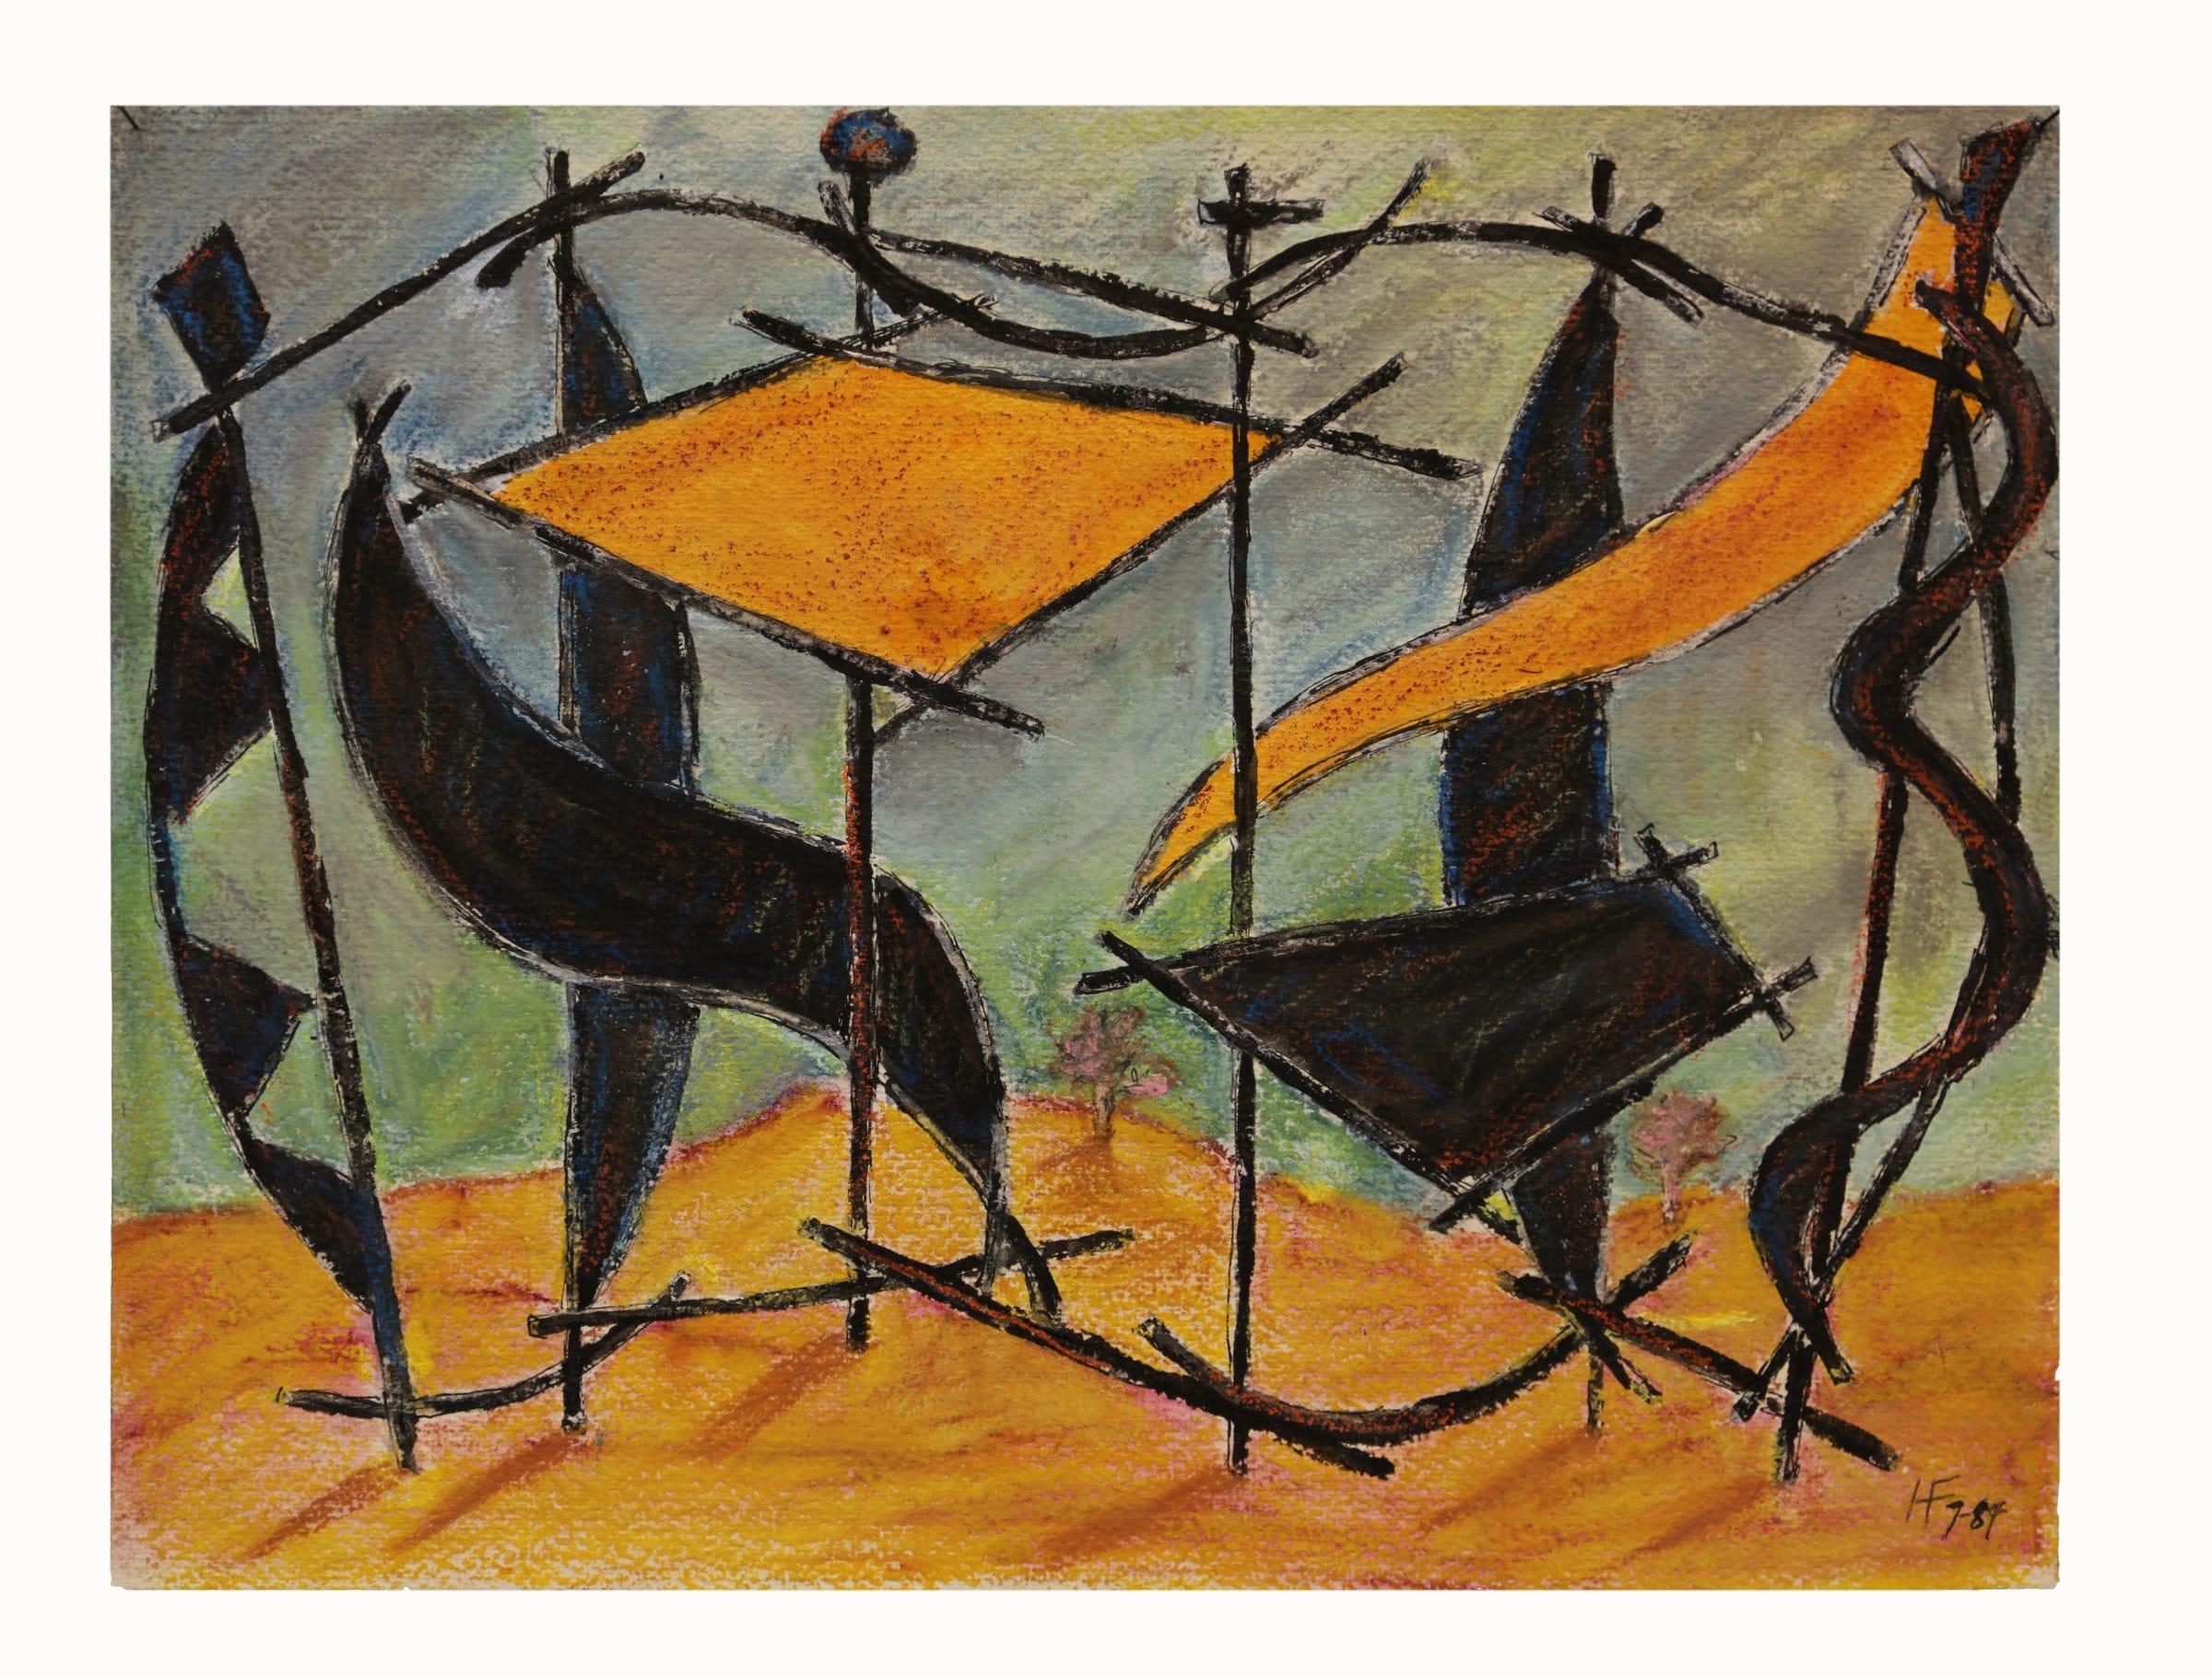 """<span class=""""link fancybox-details-link""""><a href=""""/artists/79-herbert-ferber/works/1703-herbert-ferber-untitled-1984/"""">View Detail Page</a></span><div class=""""artist""""><strong>Herbert Ferber</strong></div> <div class=""""title"""">Untitled, 1984</div> <div class=""""medium"""">tecnica mista</div> <div class=""""dimensions"""">cm 31x41</div>"""